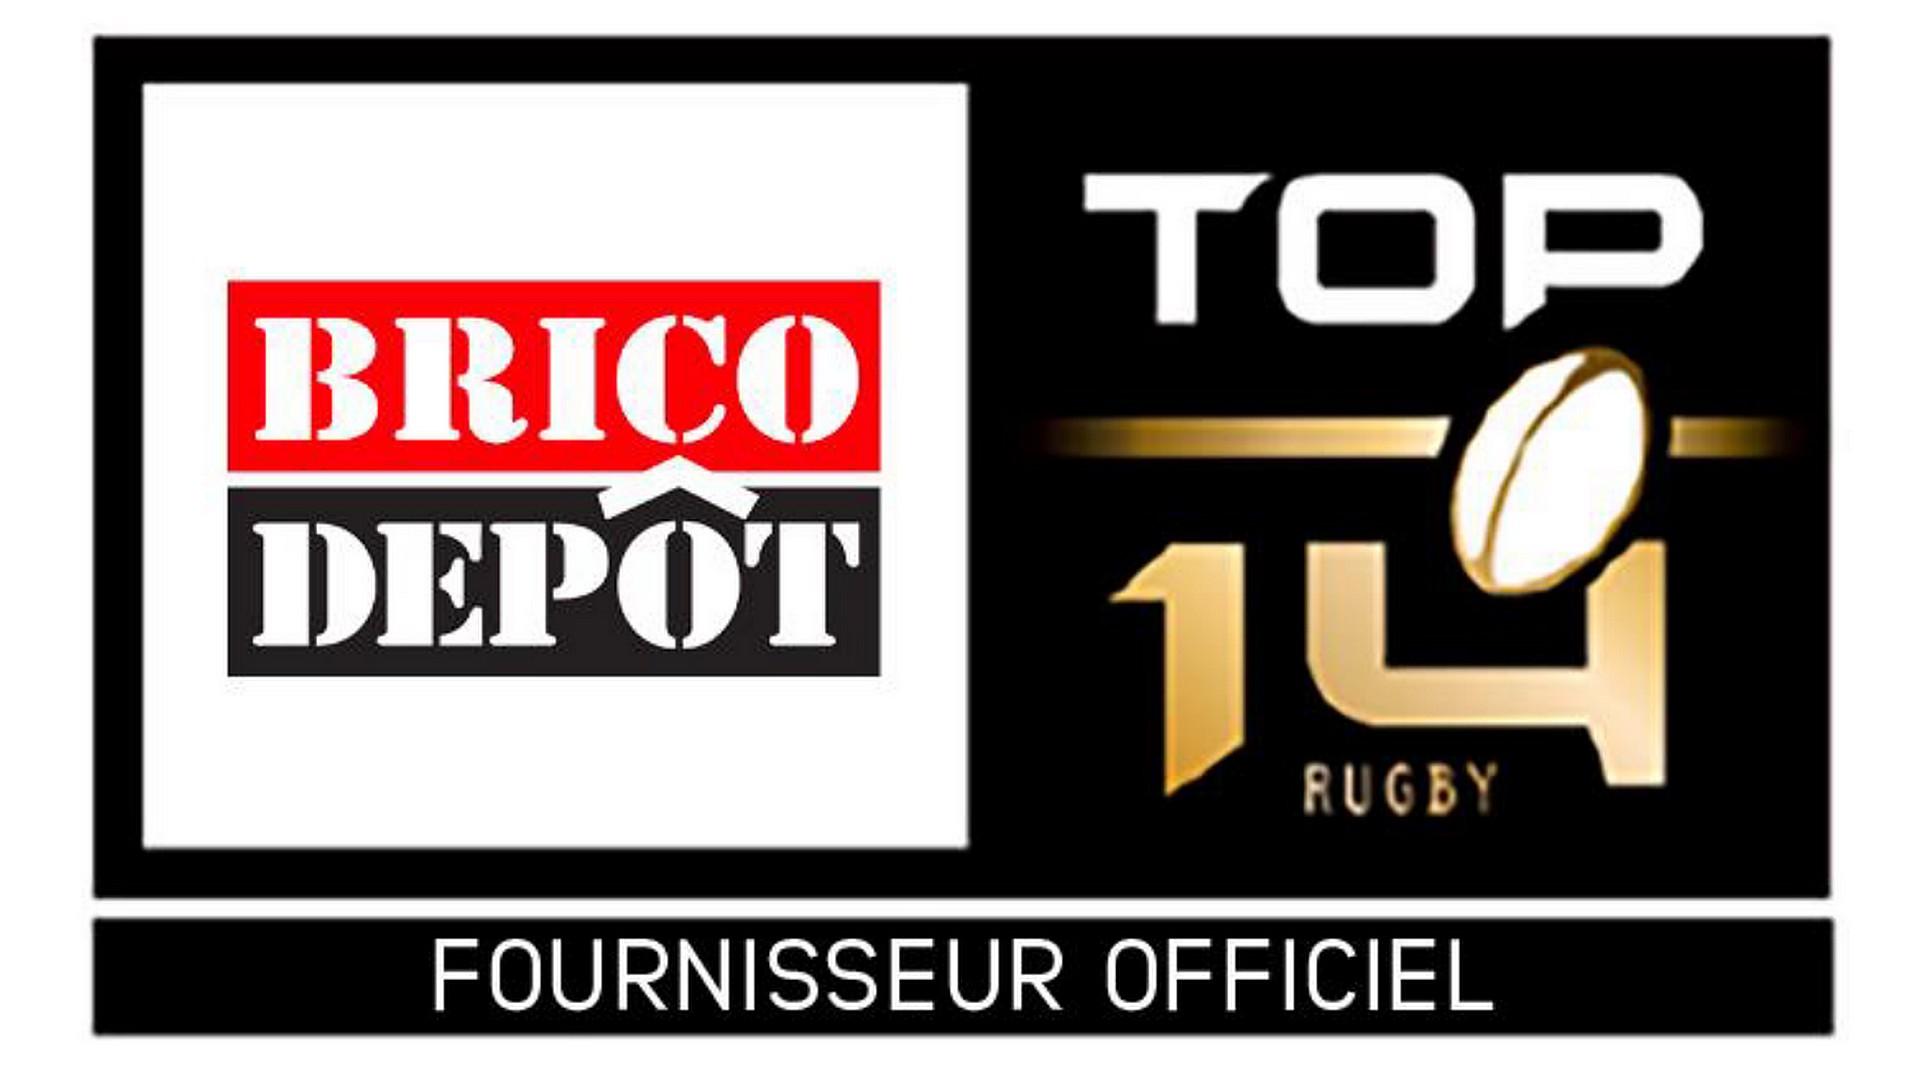 Brico Dépôt x LNR Top 14 (rugby) 2020